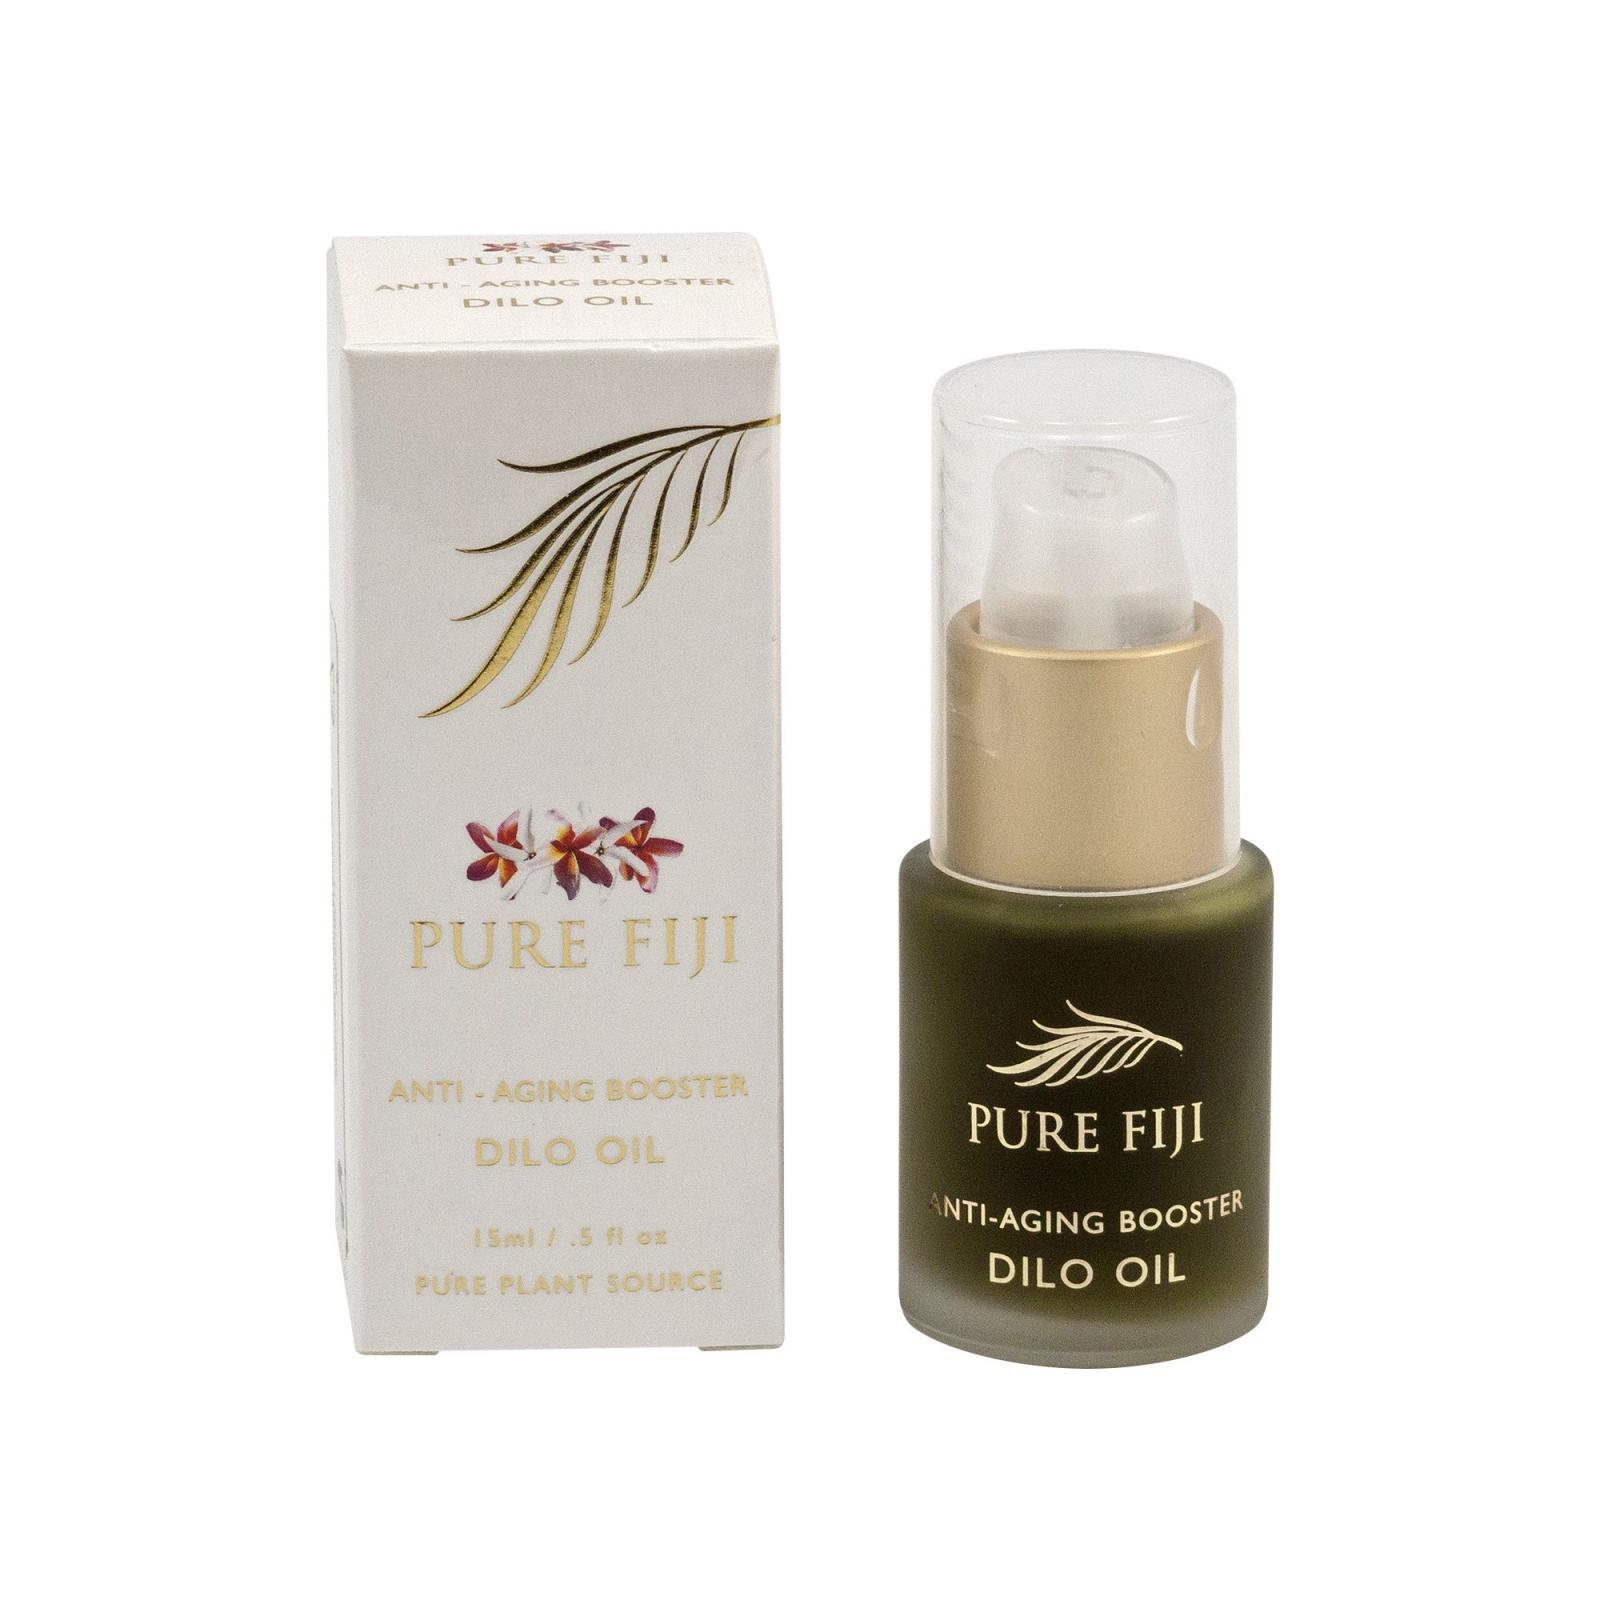 Pure Fiji Dilo olej Anti Aging Boost 15 ml